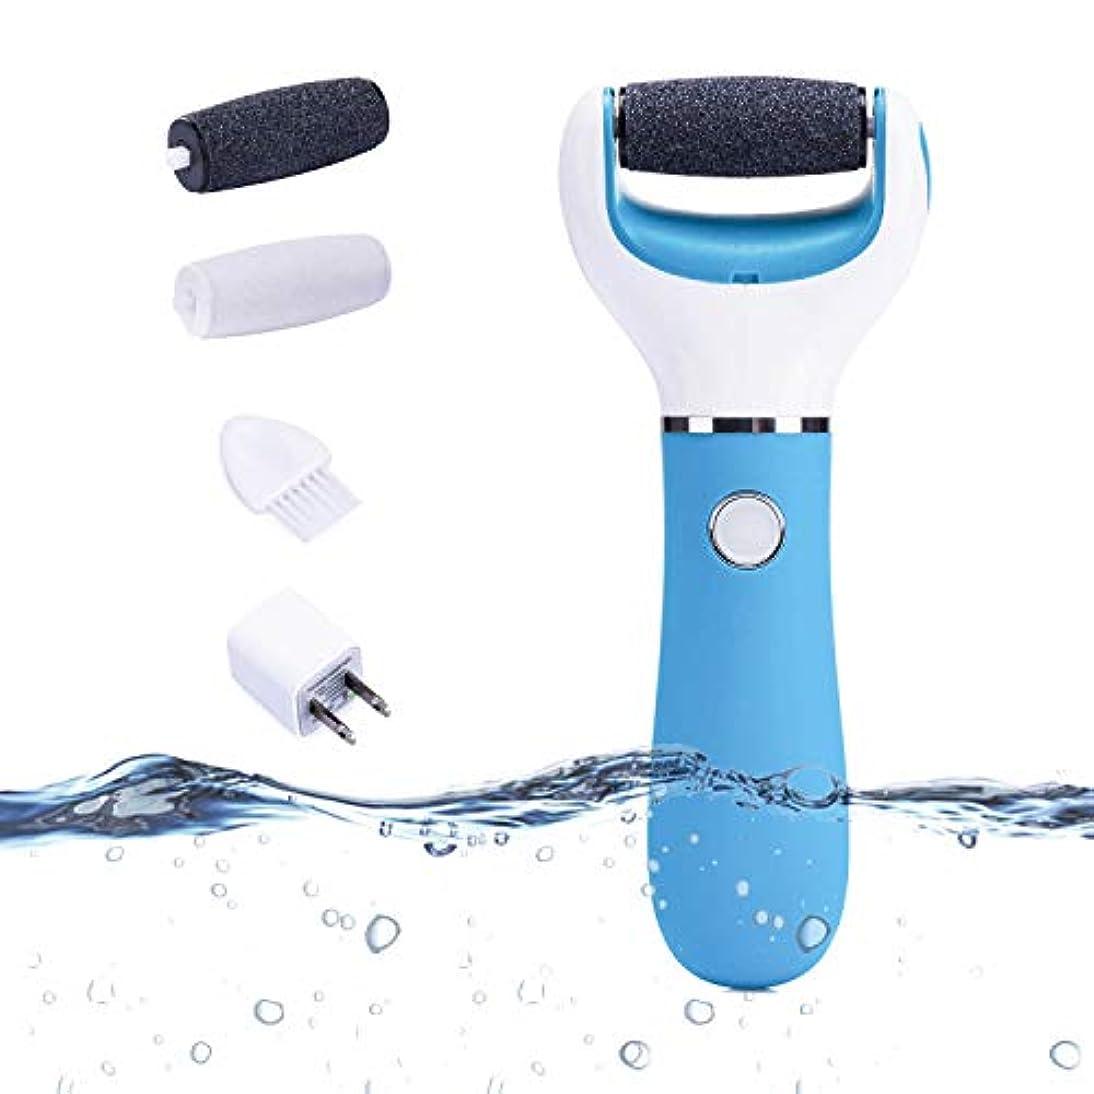 建物輝く借りているLionWell 電動角質リムーバー USB充電式 防水 足ケア 軽石 角質取り 角質除去 改良版ローラー 粗目/細目 2つ付き 快速/低速モード 爪磨き機能 水洗い可能 フットケア (ブルー?強化型)